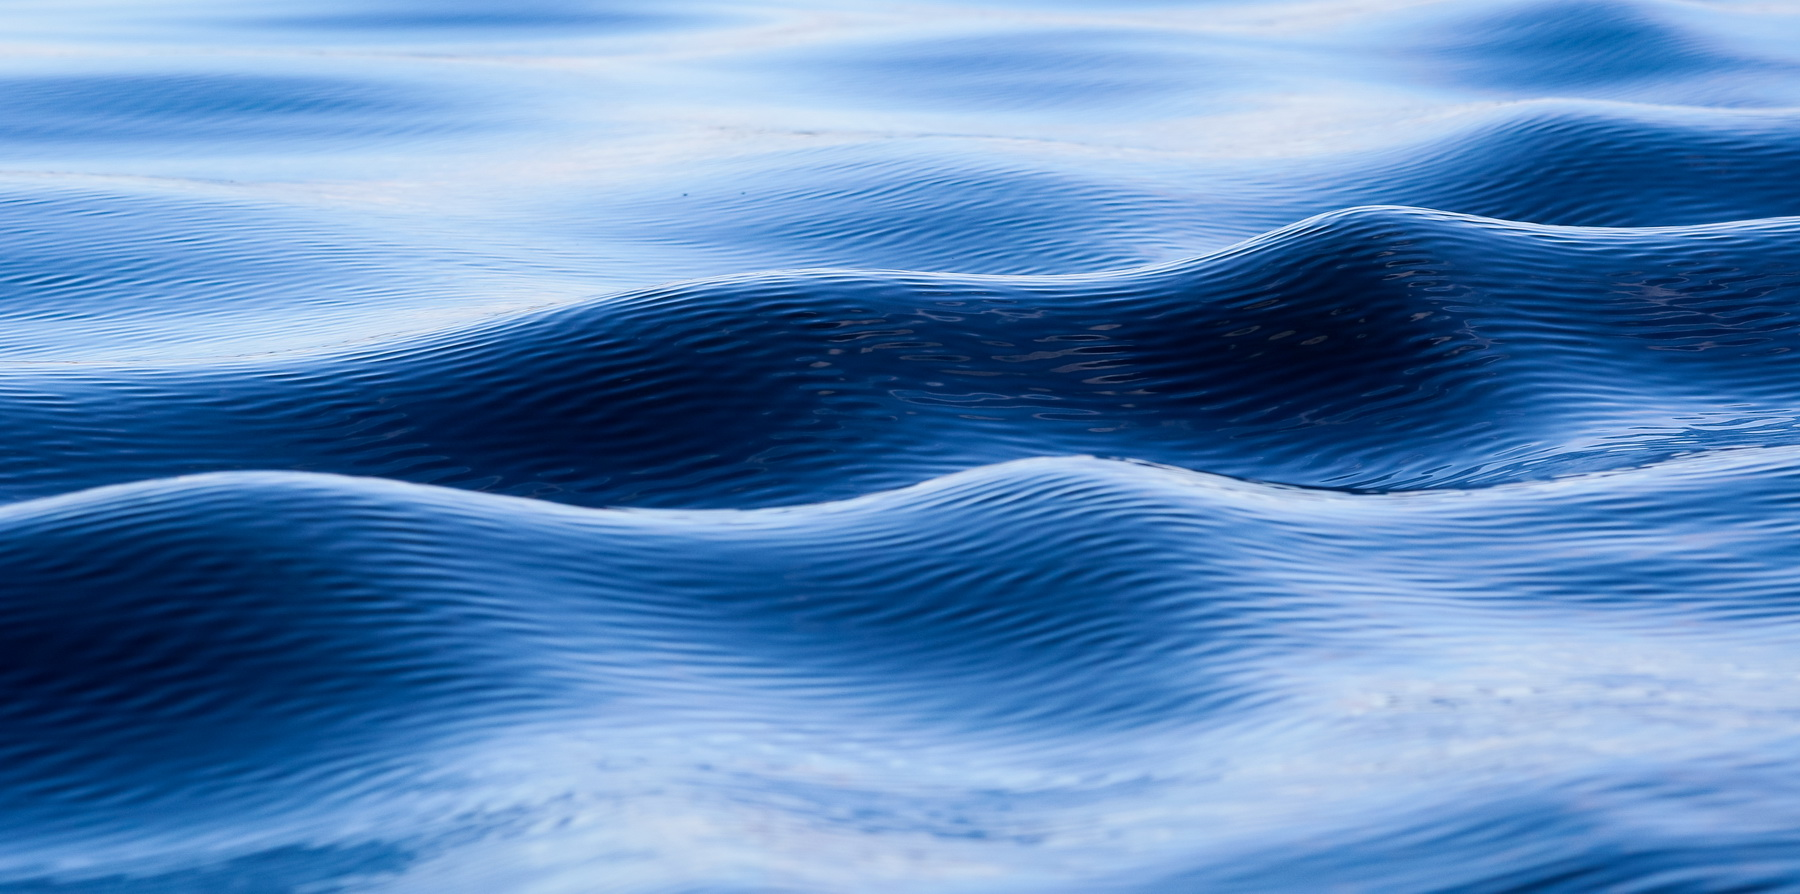 närbild-vågor